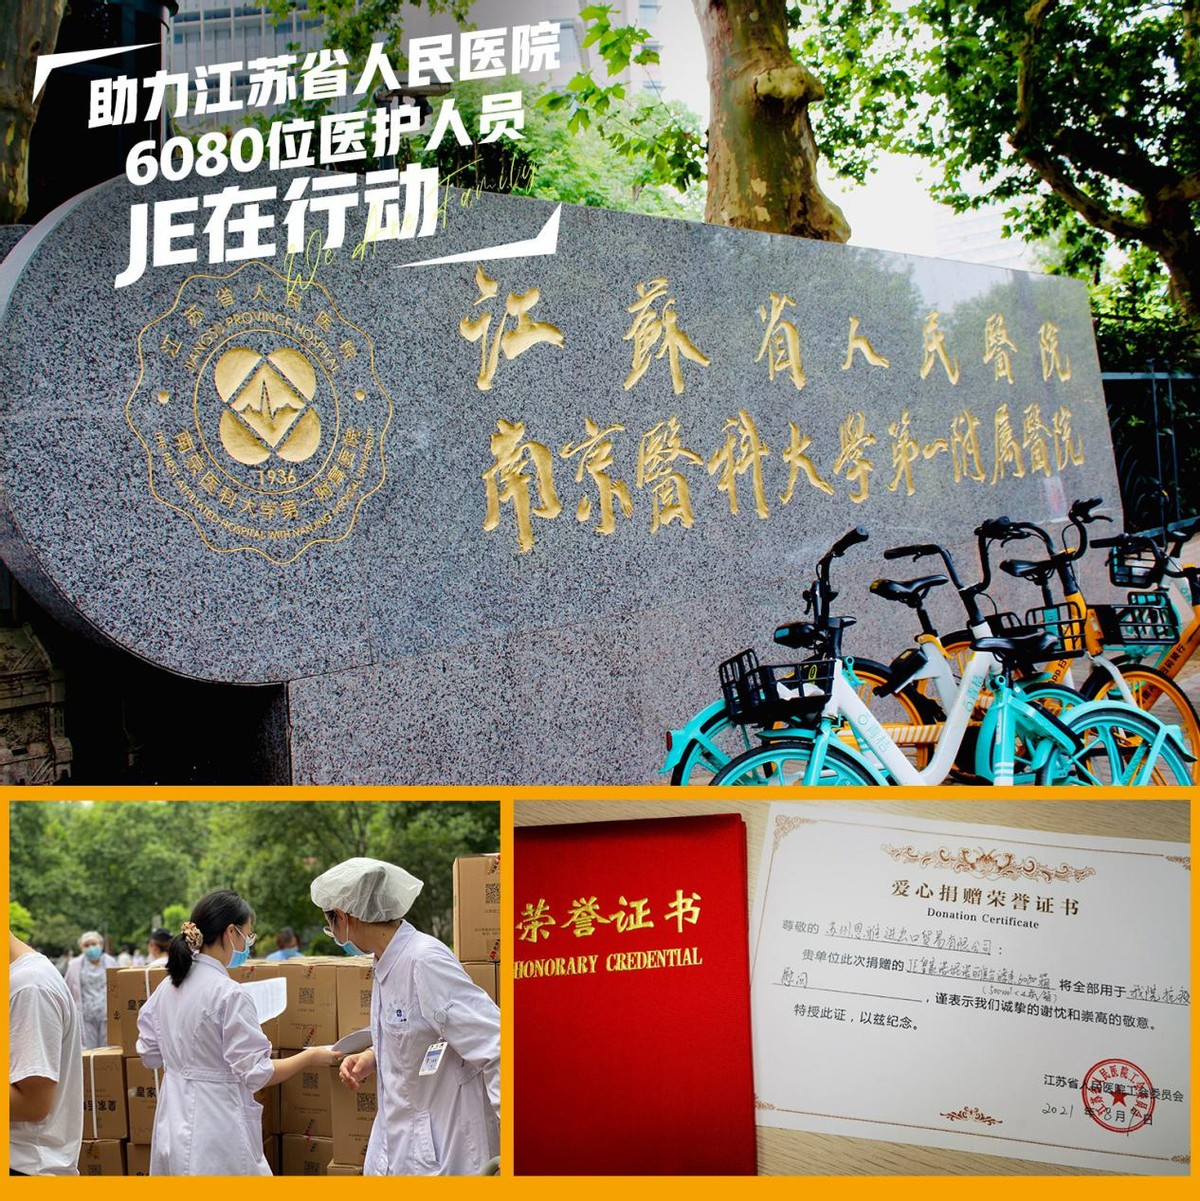 我虽然是外国人,但不是外人!外籍企业家崔珍琳女士声援南京战疫